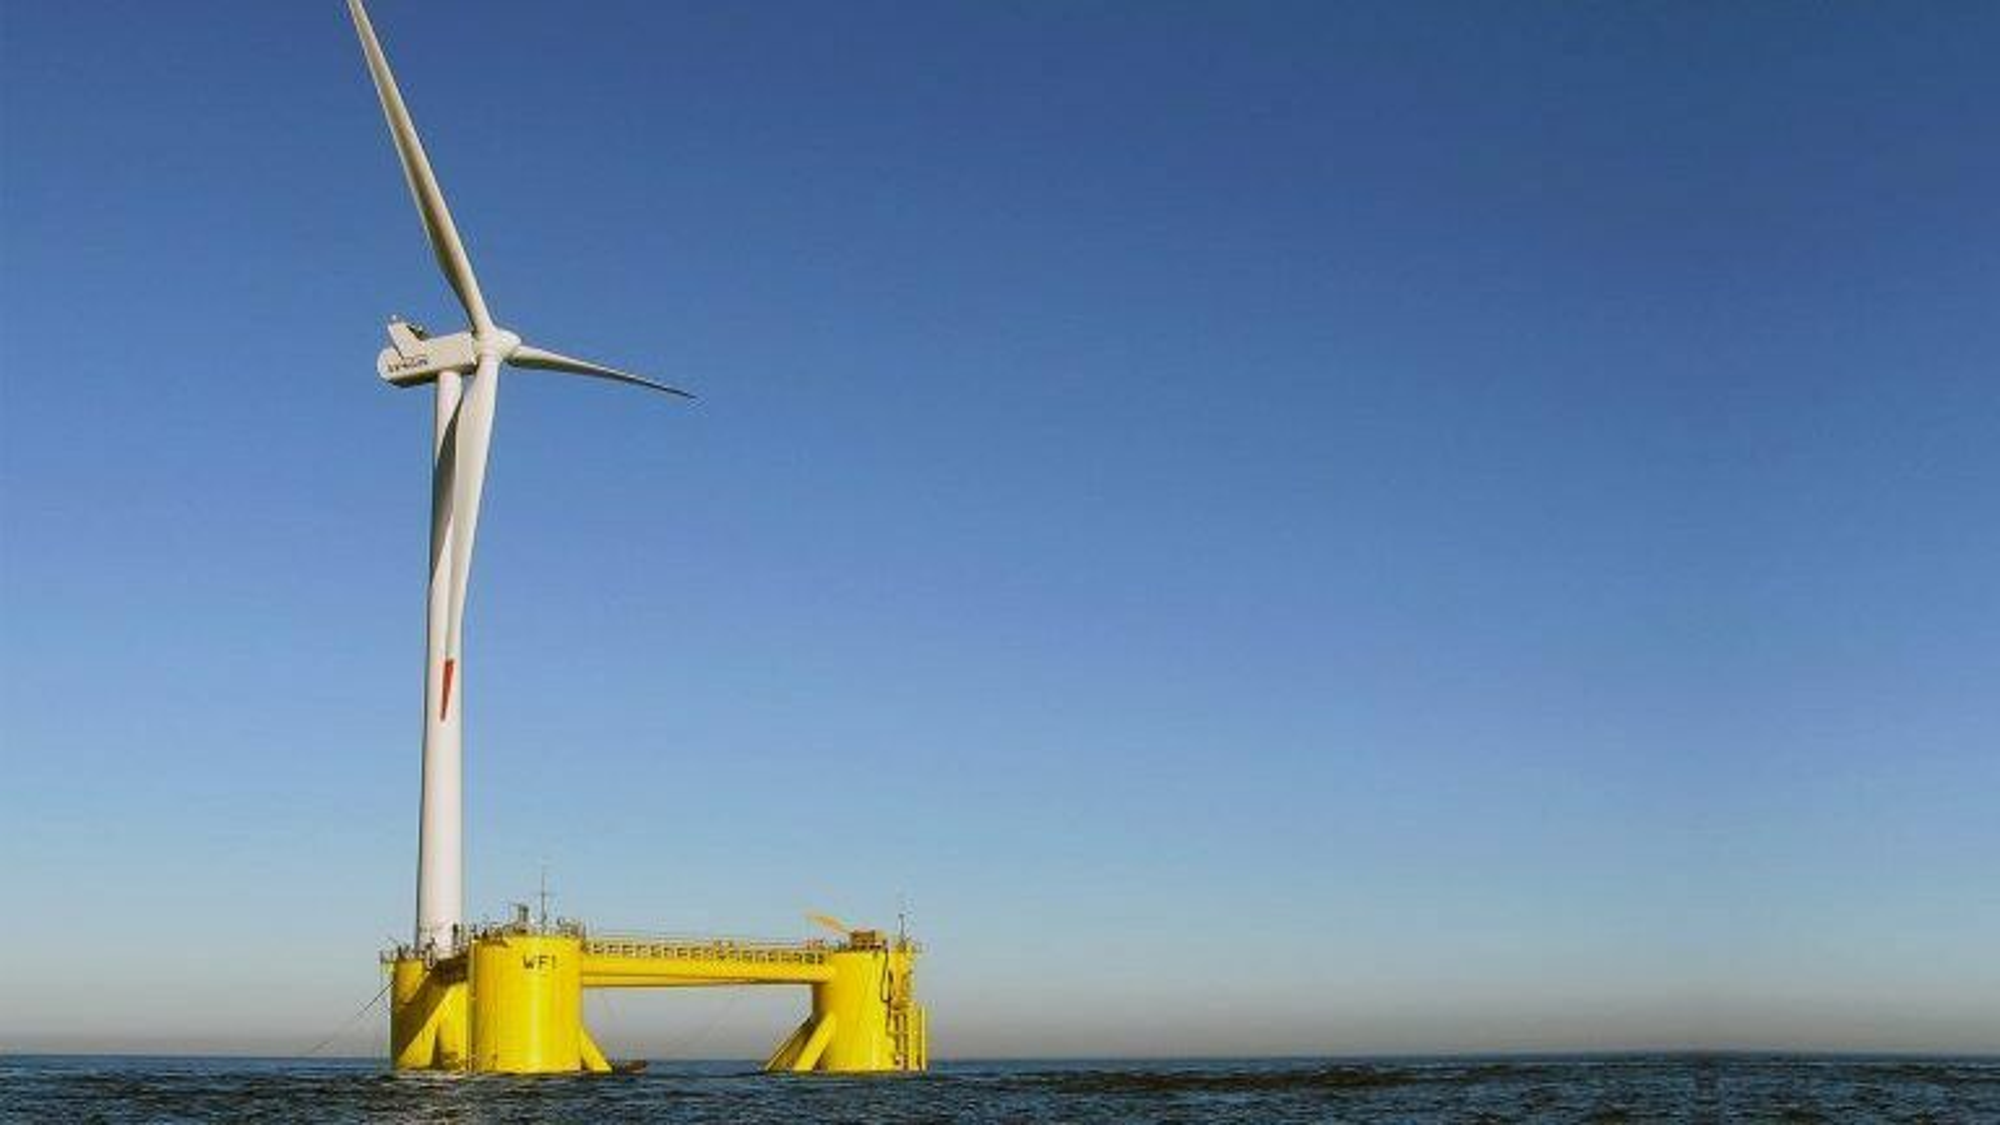 Aker Offshore Wind satser stort på flytende havvind. Her fra den halvt nedsenkbare modulen til Principle Power, et selskap Aker eier 47 prosent av.